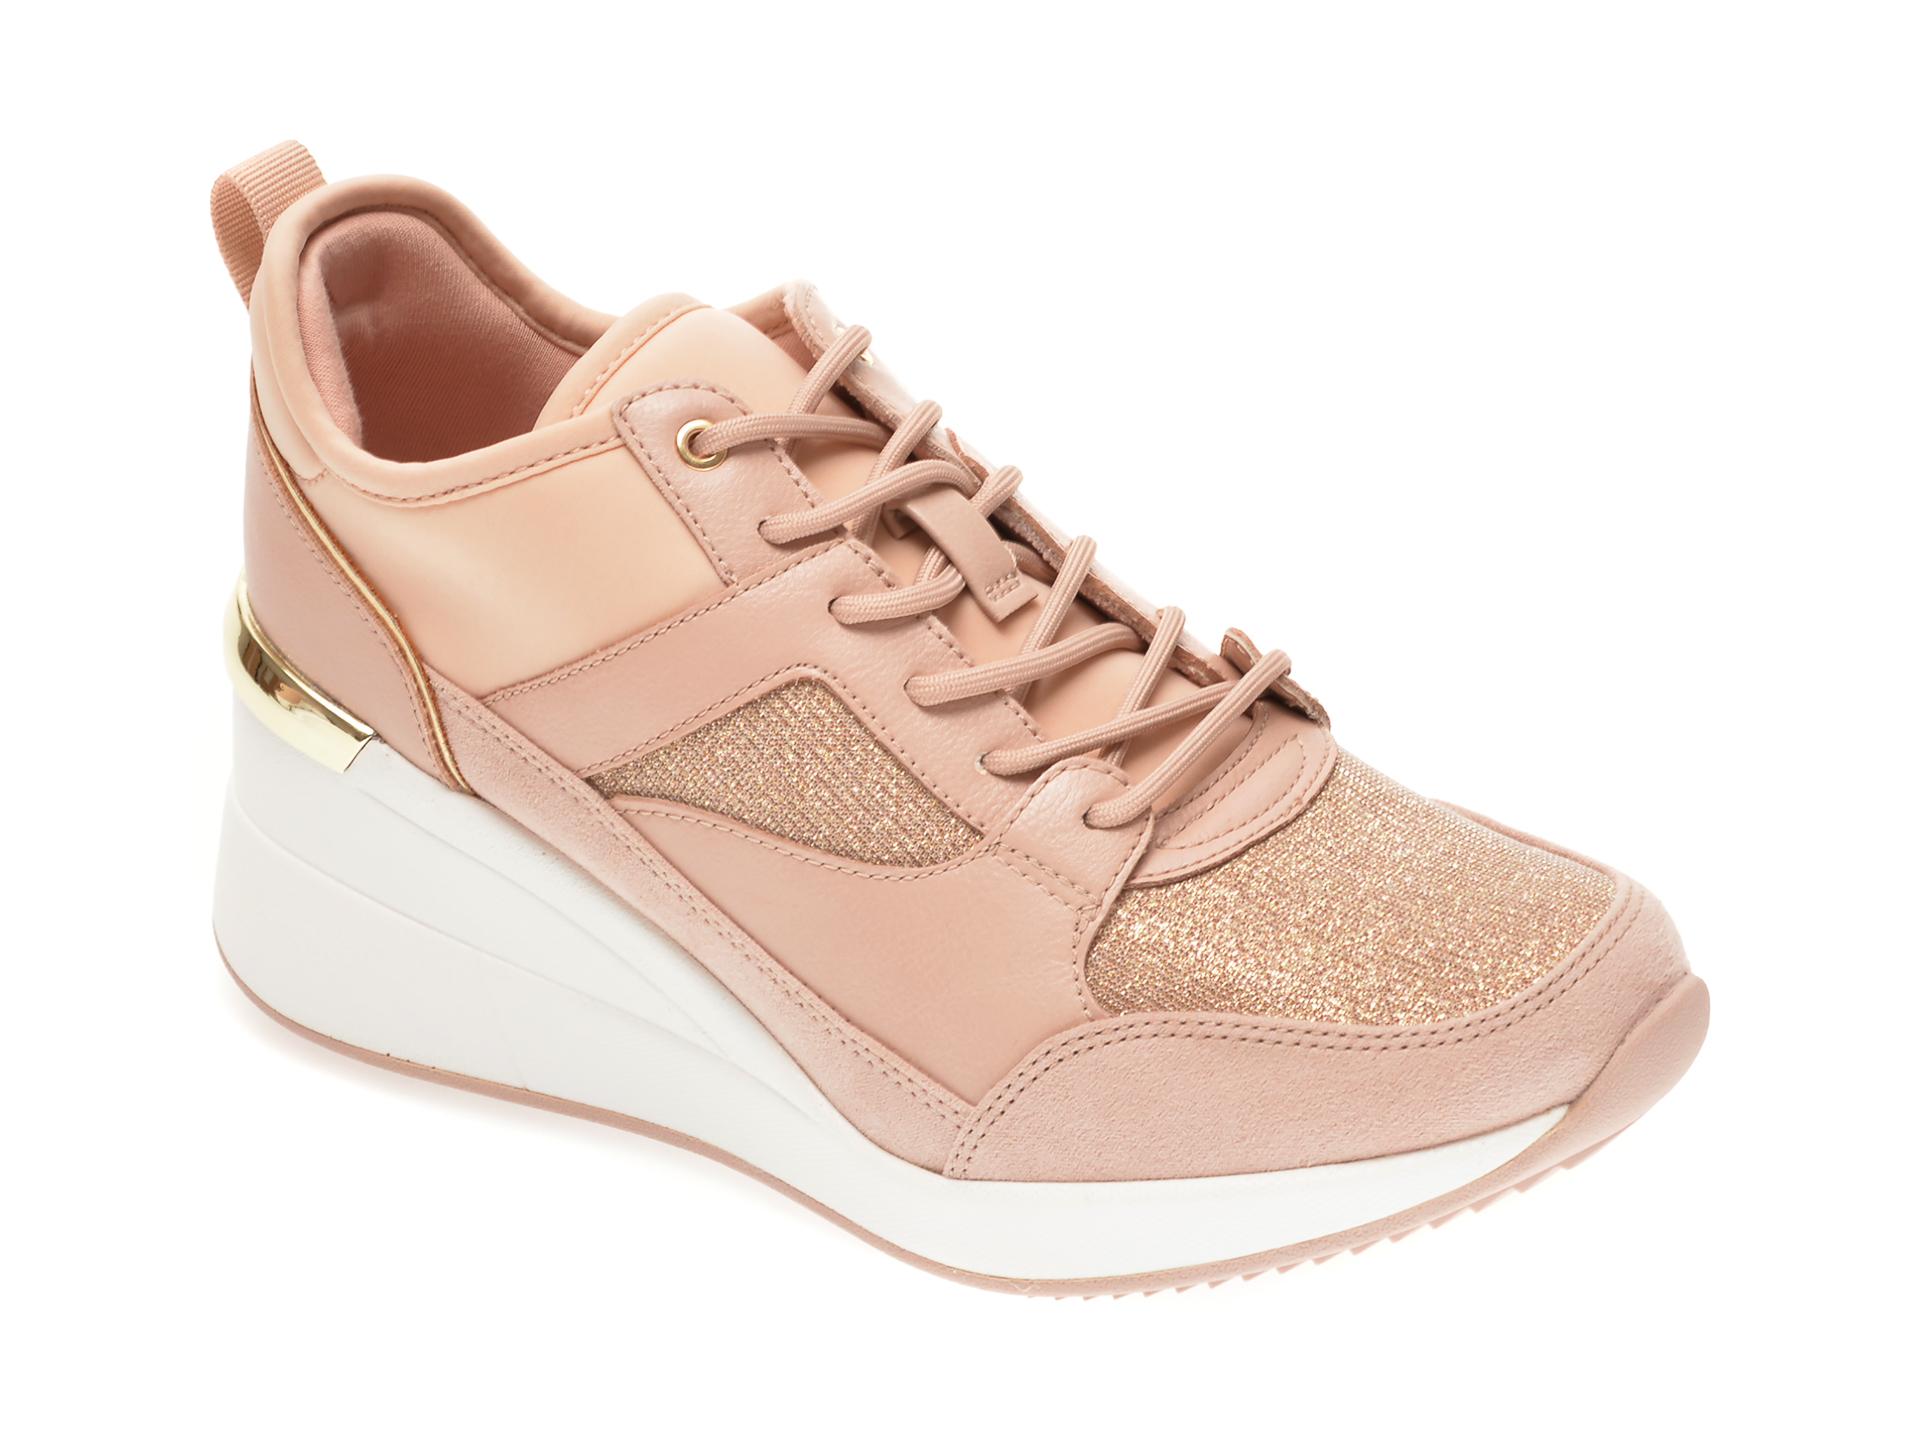 Pantofi Sport Aldo Nude, Thrundra680, Din Material Textil Si Piele Ecologica